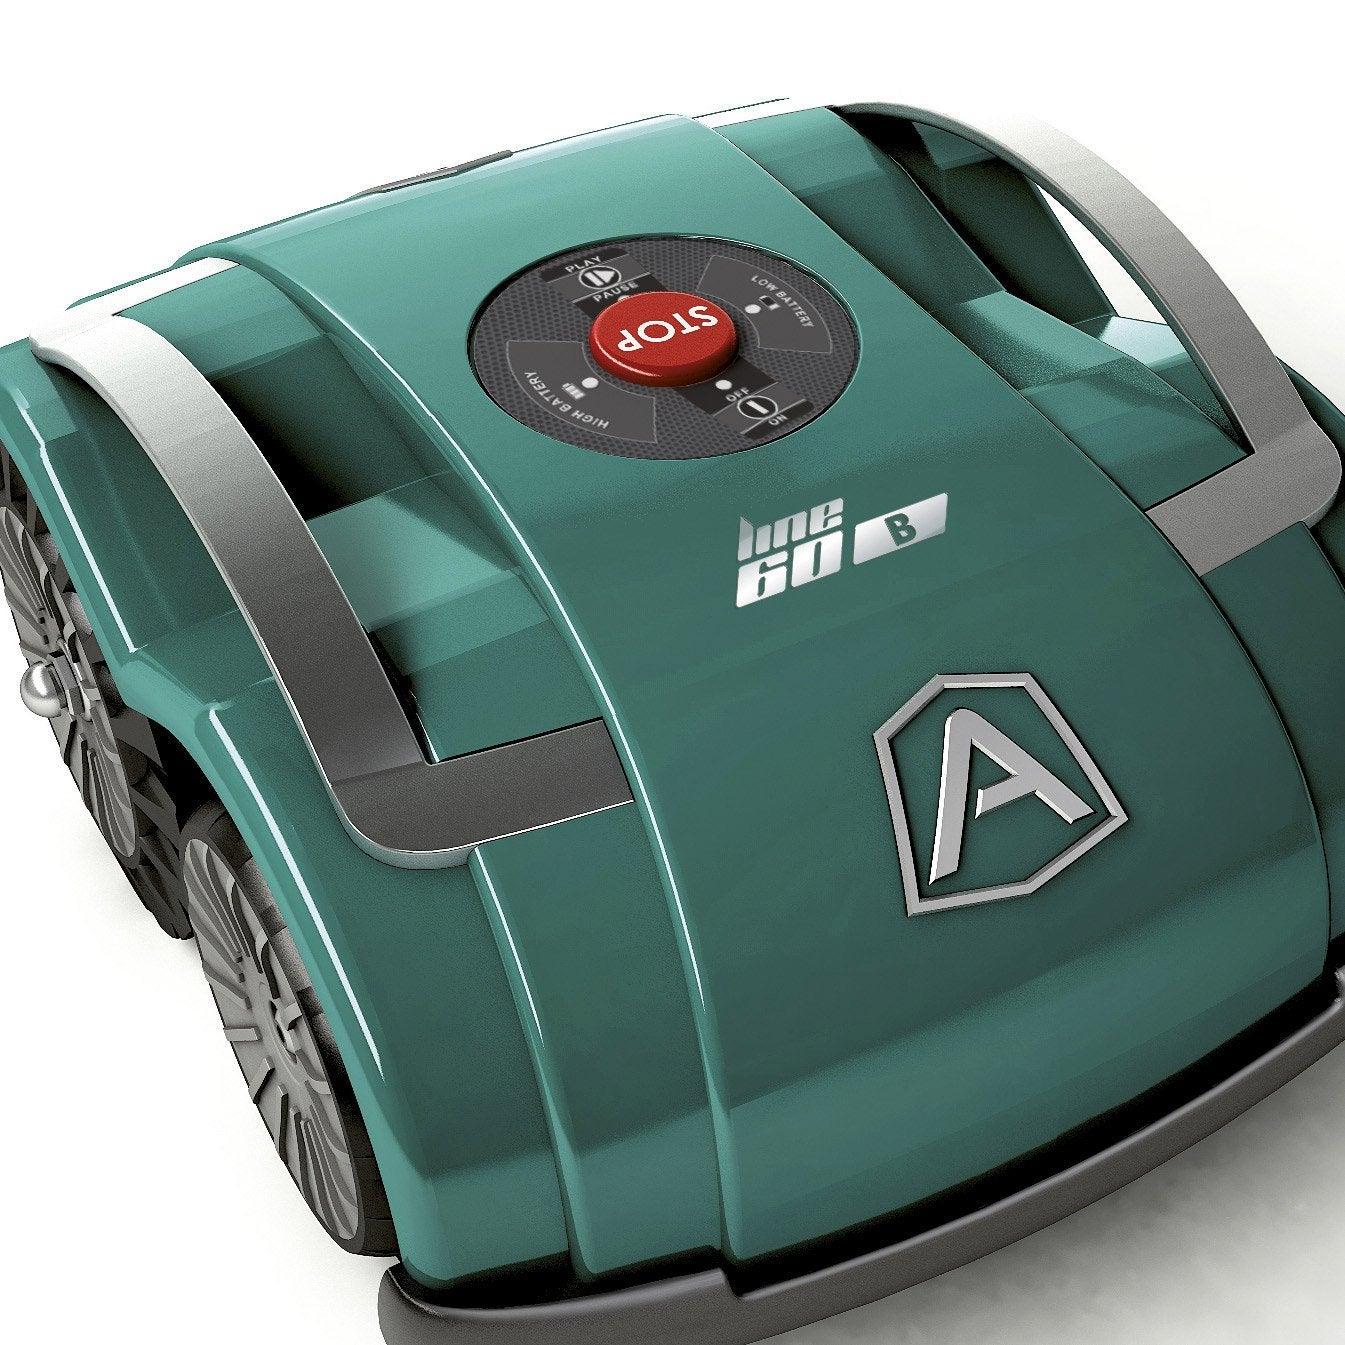 Tondeuse robot sur batterie ambrogio l60 b 400 m leroy for Robot piscine leroy merlin